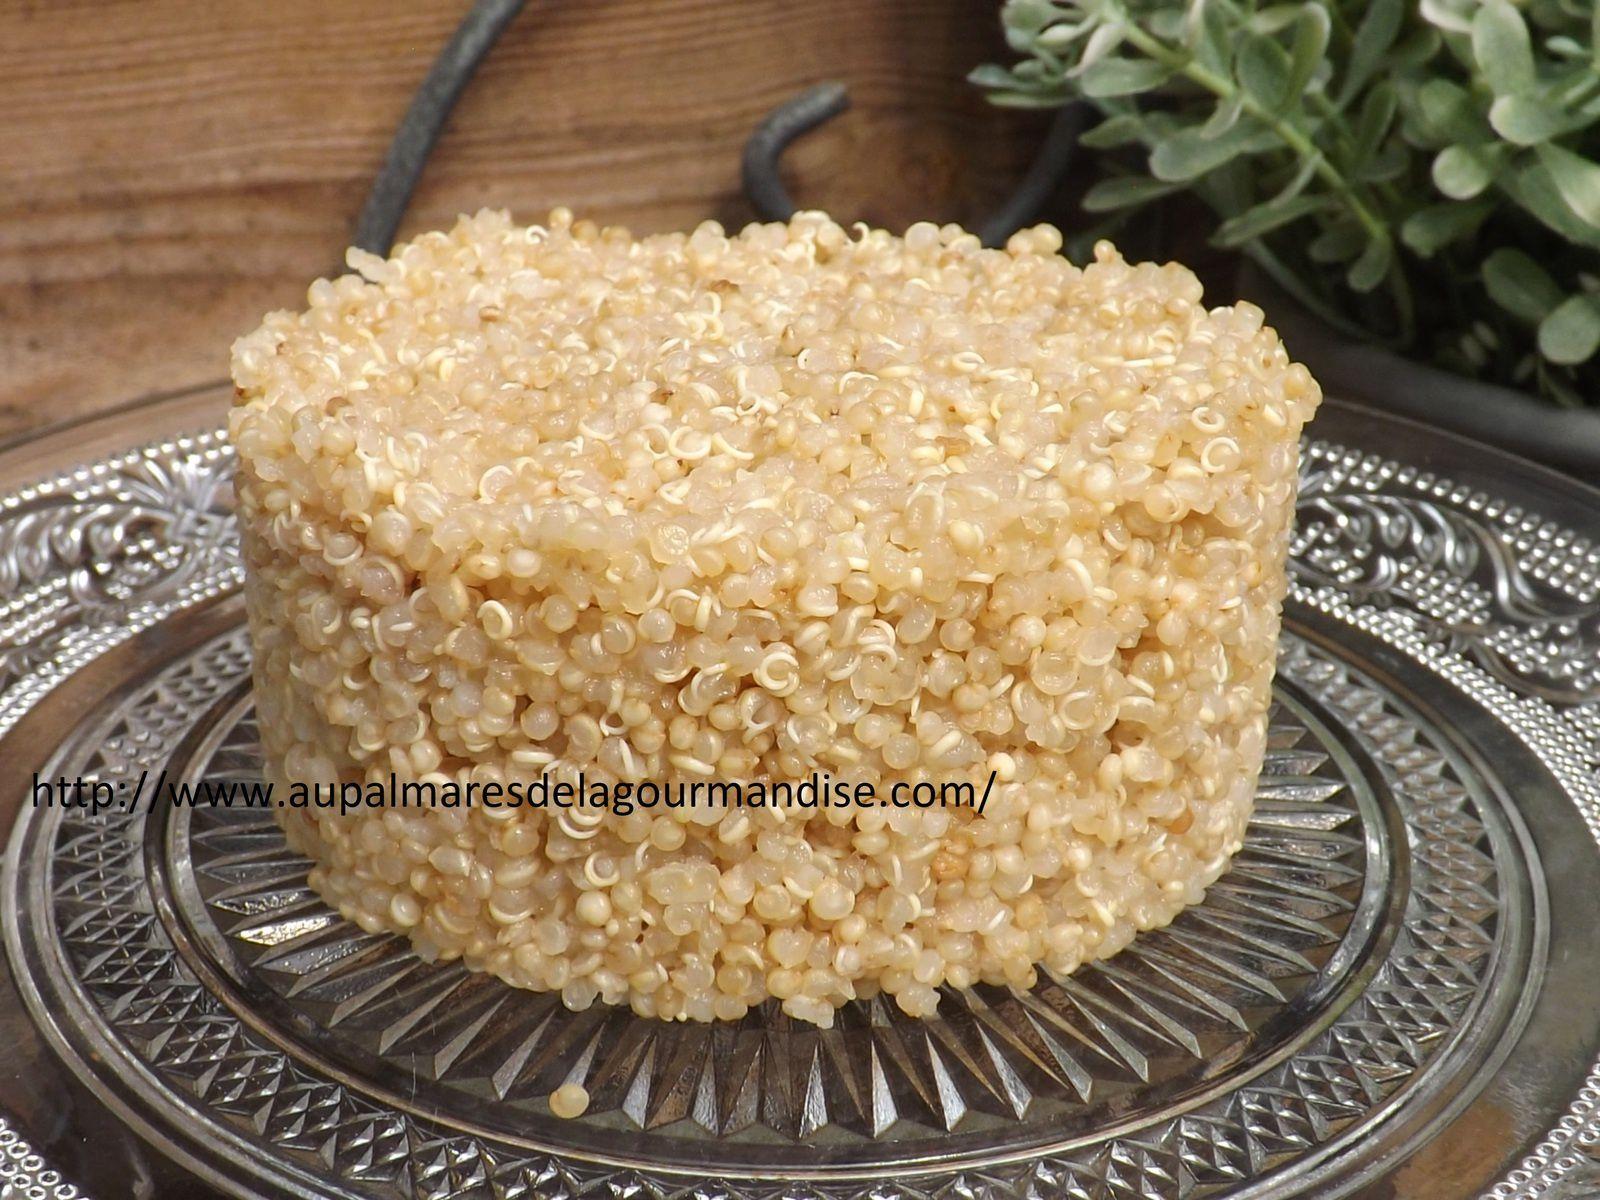 Quinoa cuisson au four,d'aprés J.Ph Derenne et  *Bowl de quinoa * IG Bas*Healthy* Hygge *VG*